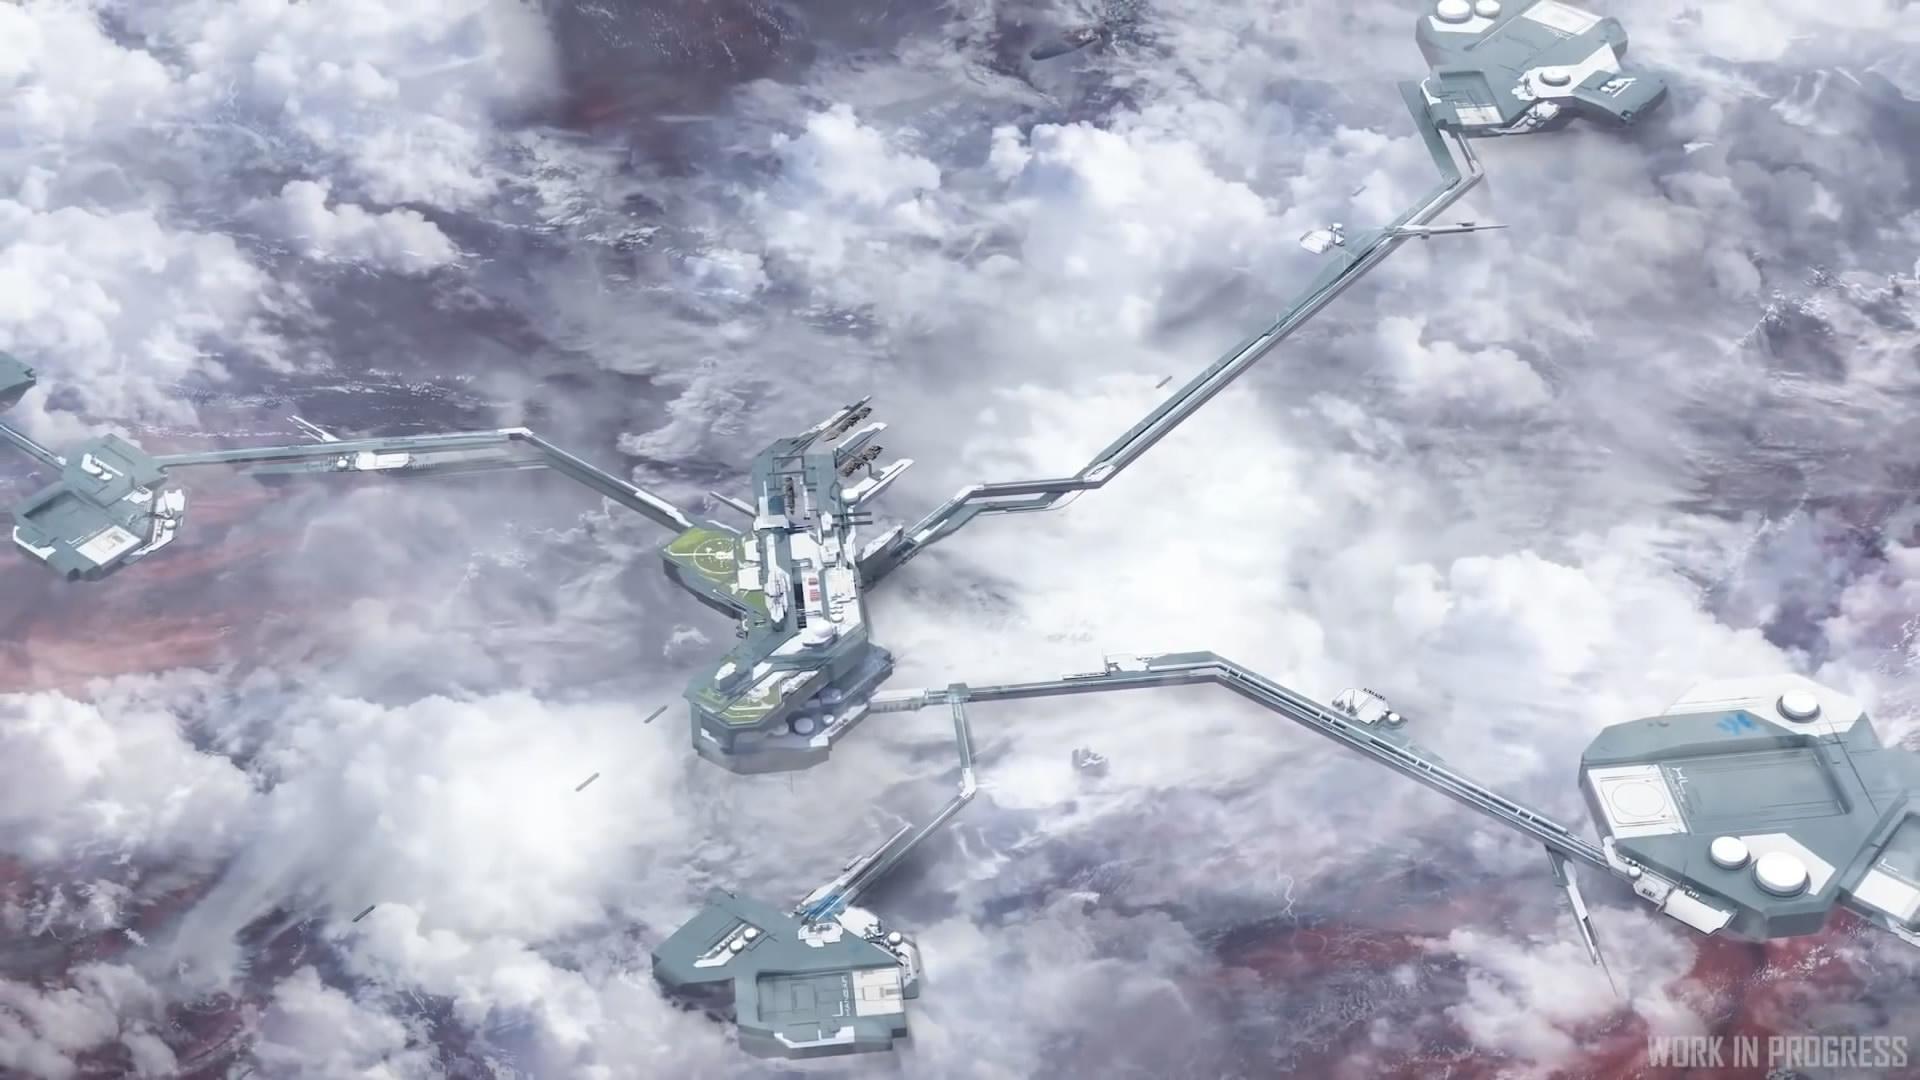 《星际公民》新视频展示云端城市 众筹突破2.24亿美元